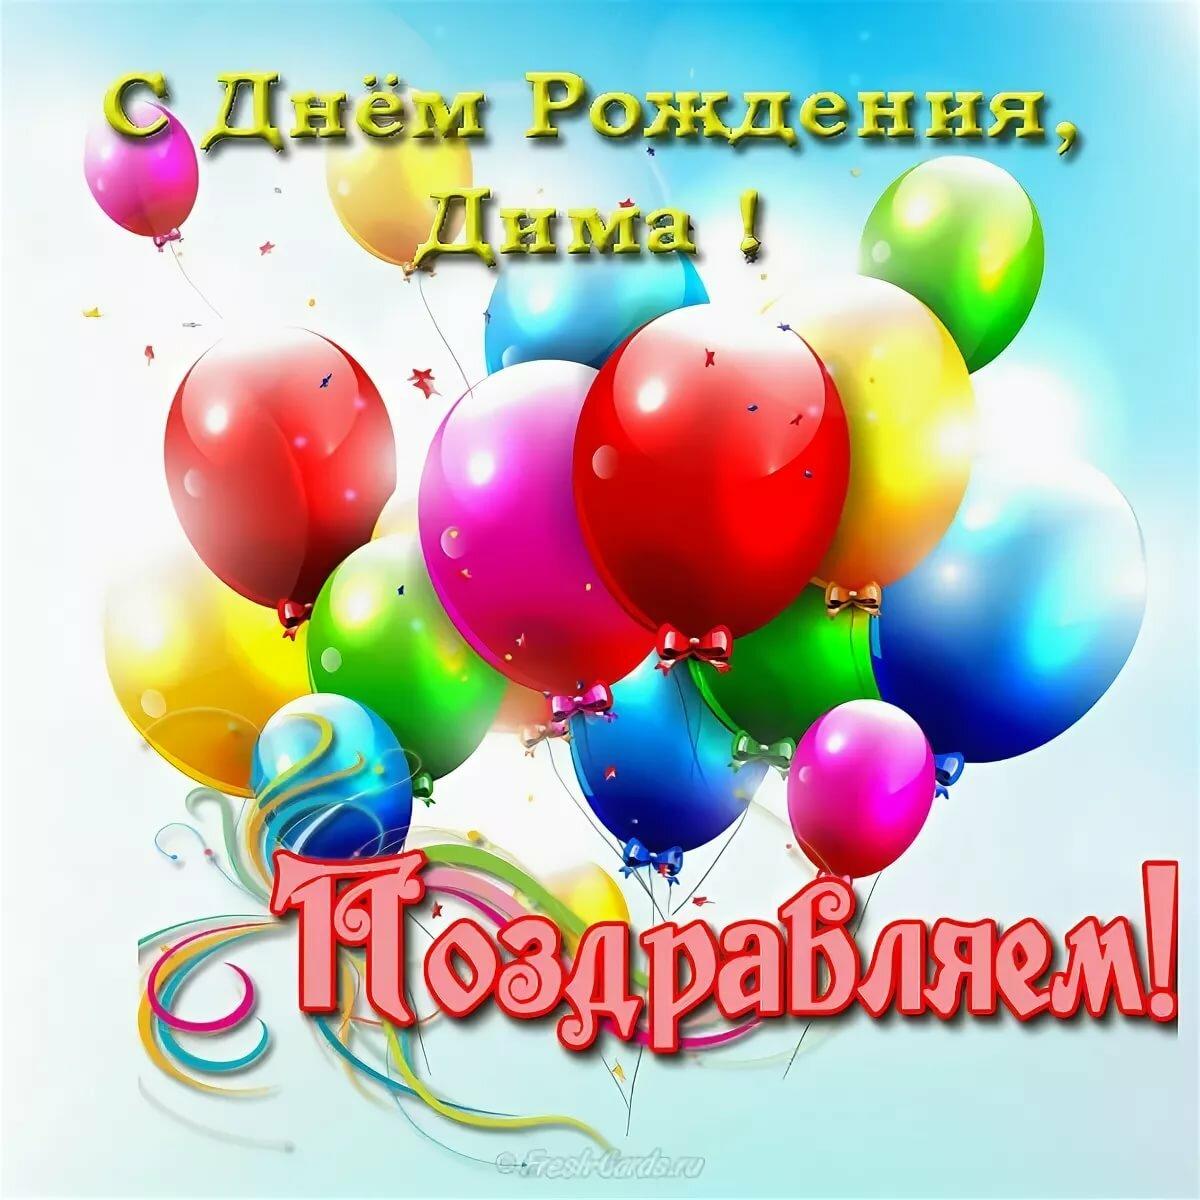 Картинки с днем рождения с именем кантемир